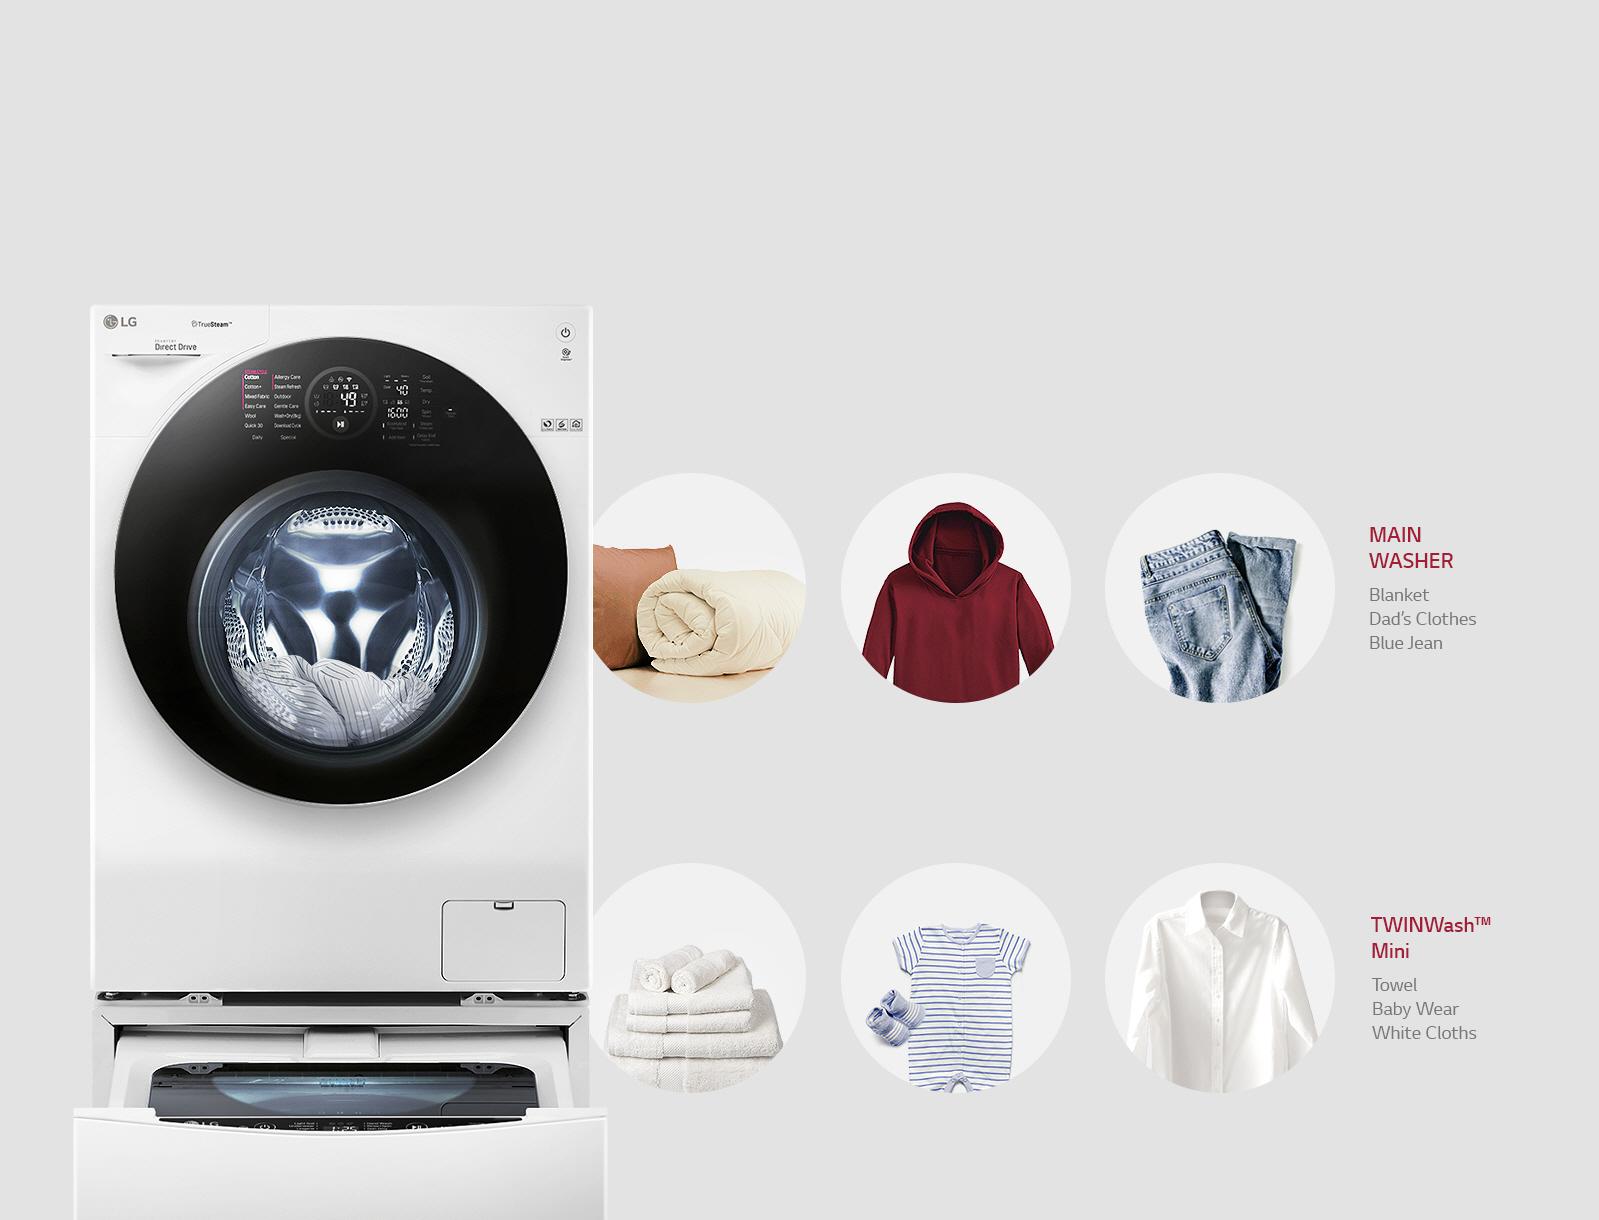 Separata tvättar